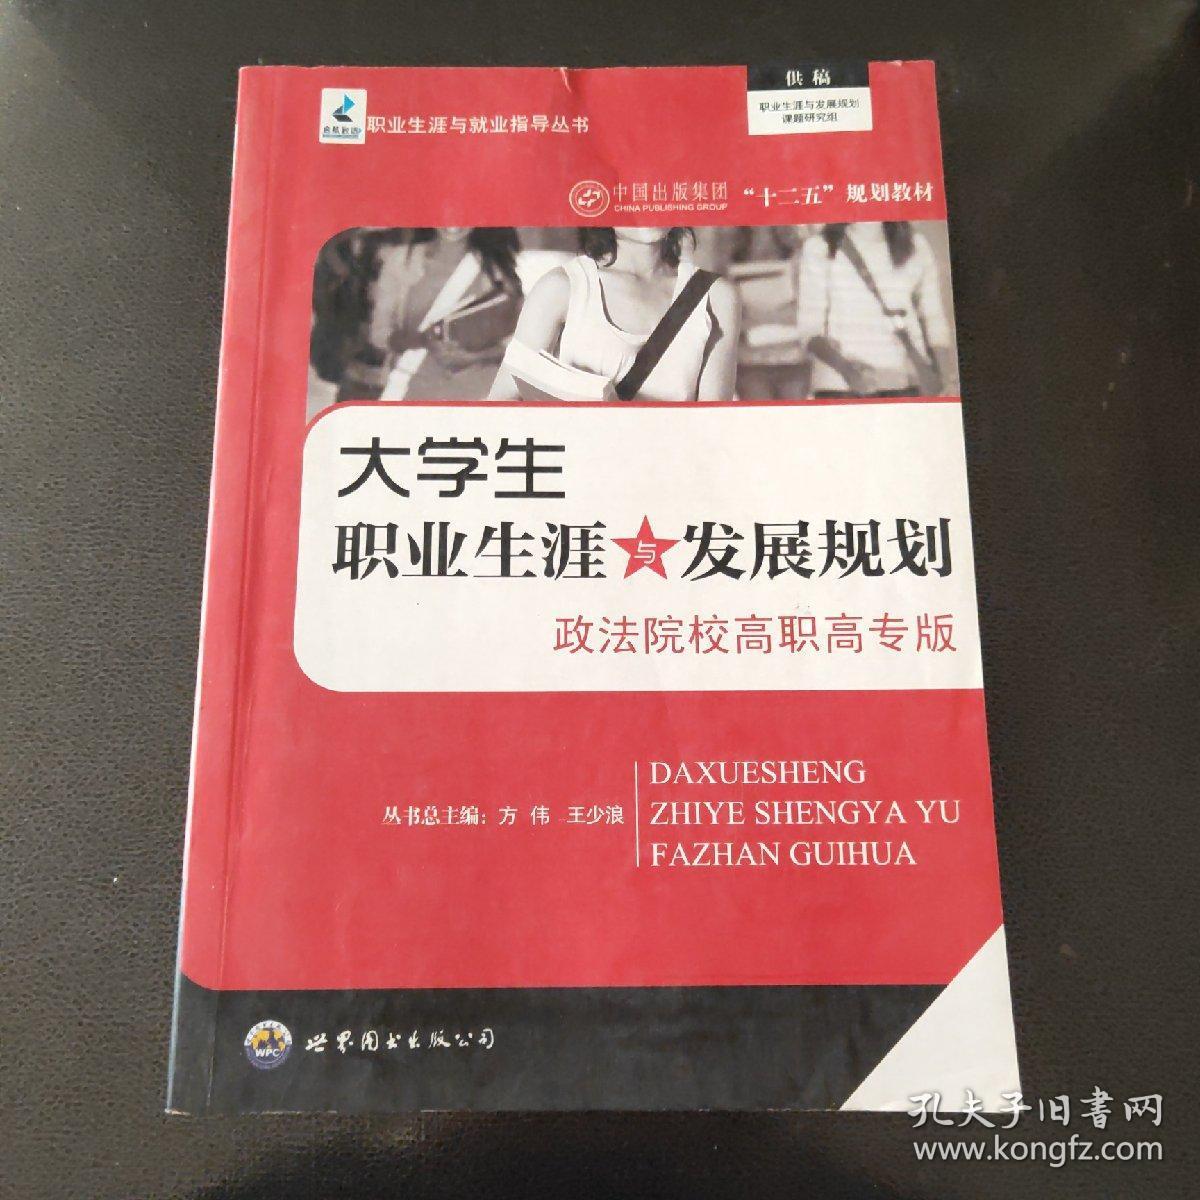 大学生职业生涯与发展规划:政法院校高职高专版